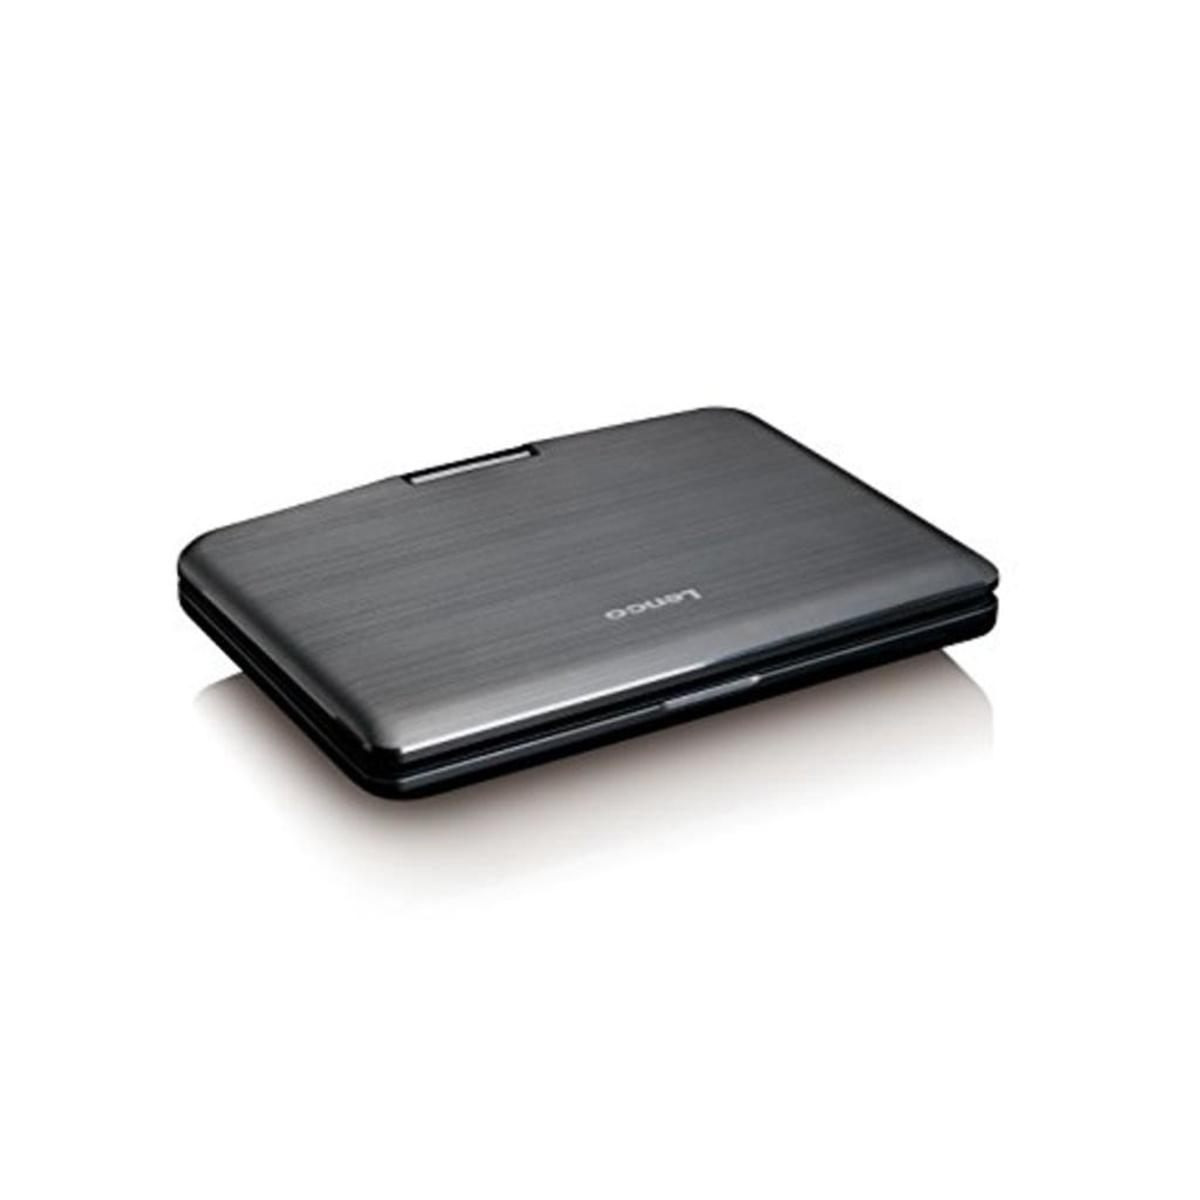 Bild 4 von Lenco DVP-1010 tragbarer DVD-Player 10 Zoll (25,5 cm) mit hoher Auflösung (1.024 x 600) drehbarem Display und integriertem Akku (USB, SD, AV), Netzadapter, Kopfhörer